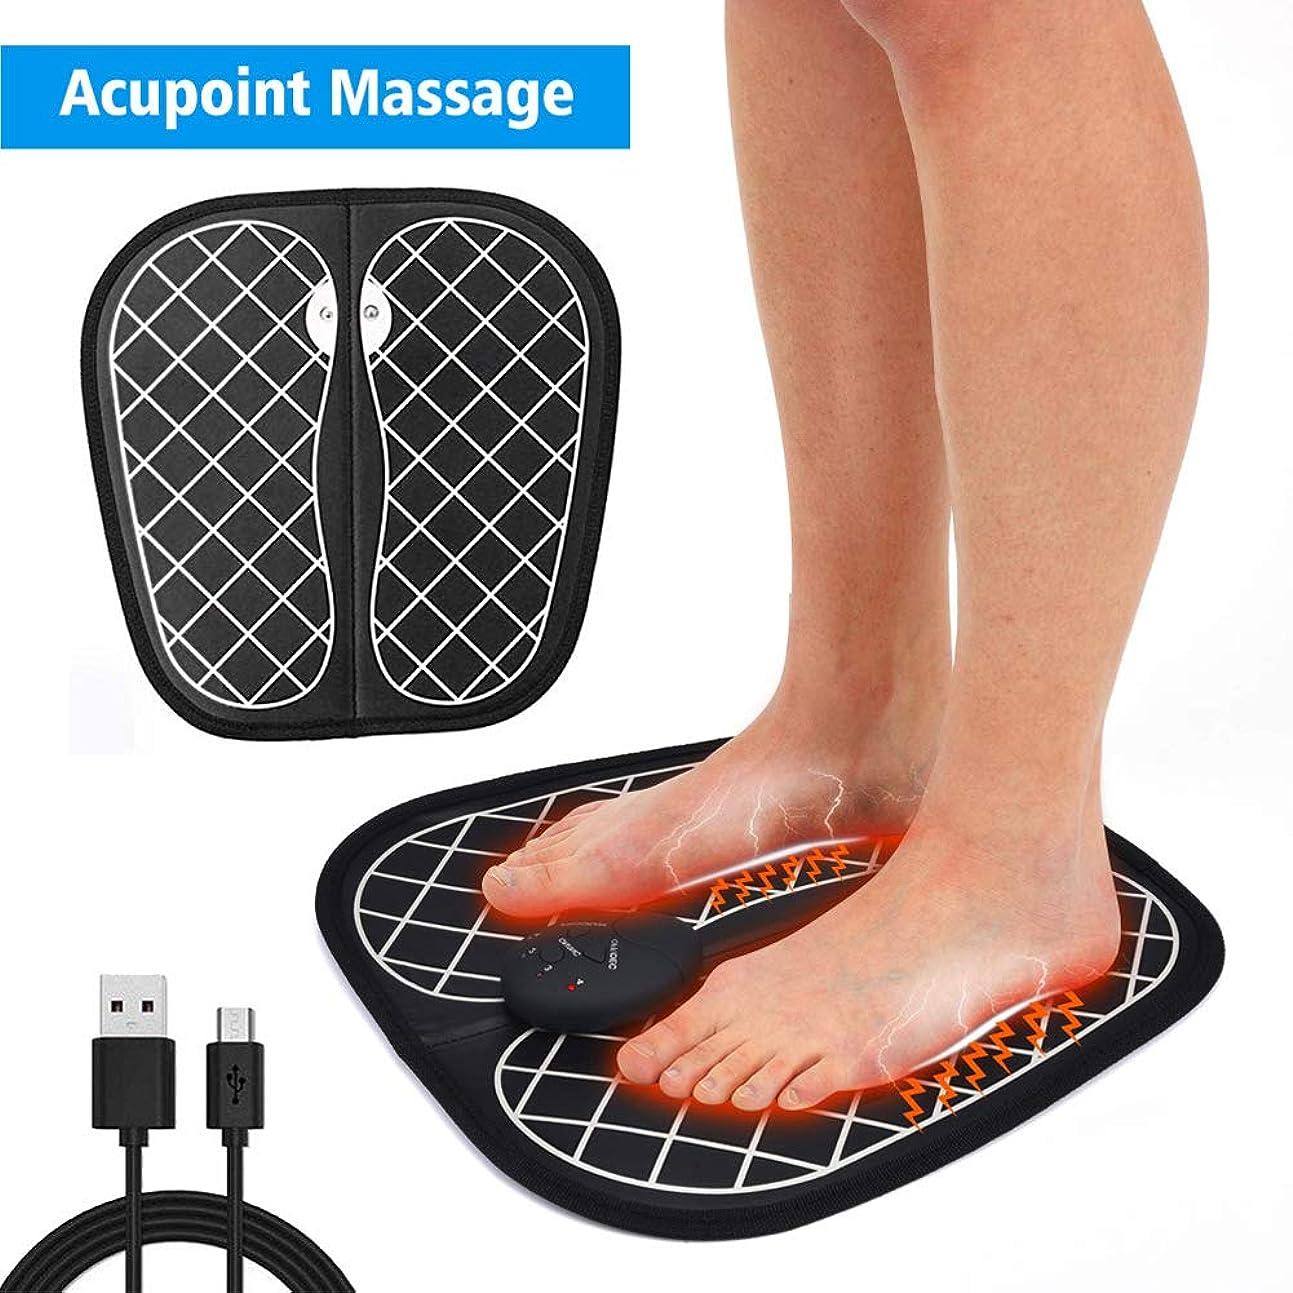 計器刺繍九時四十五分EMSフットマッサージャー、フットマッサージャー、ABSパッド、USB充電、リラクゼーション、血液循環の促進、足の疲労の緩和,A